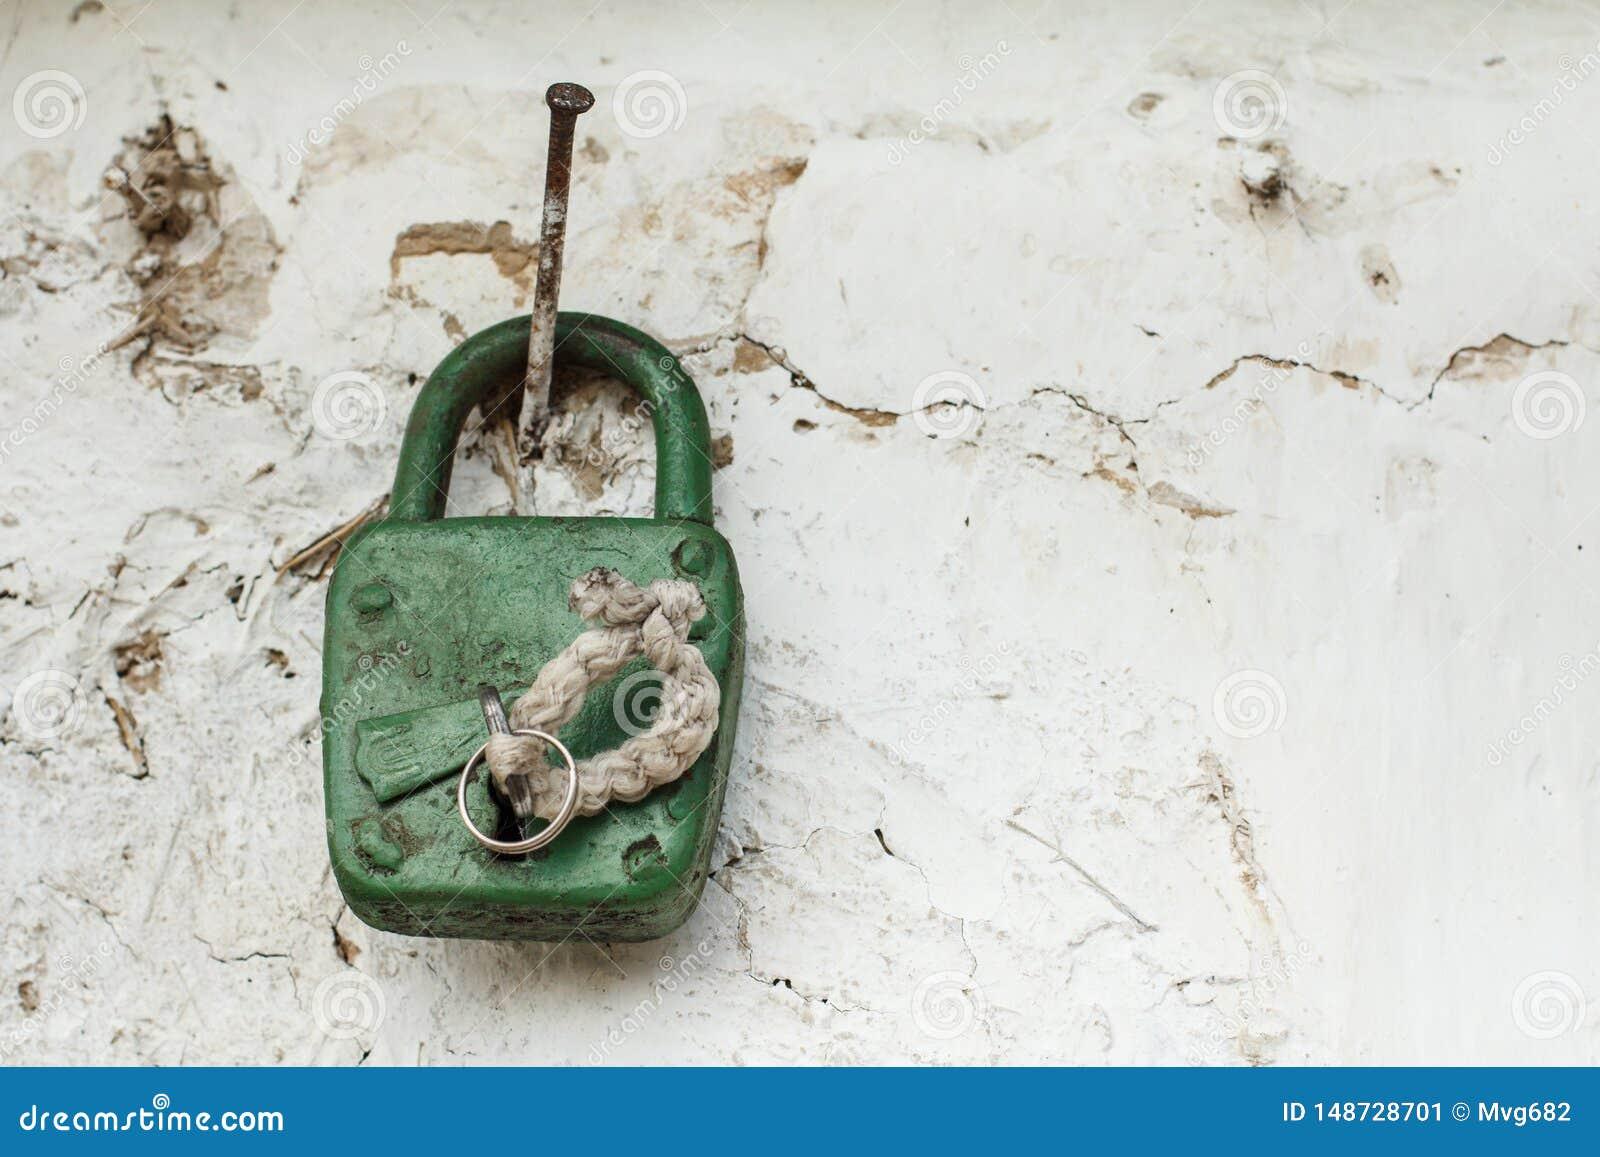 Le vieux cadenas accroche sur le clou martelé dans le vieux mur